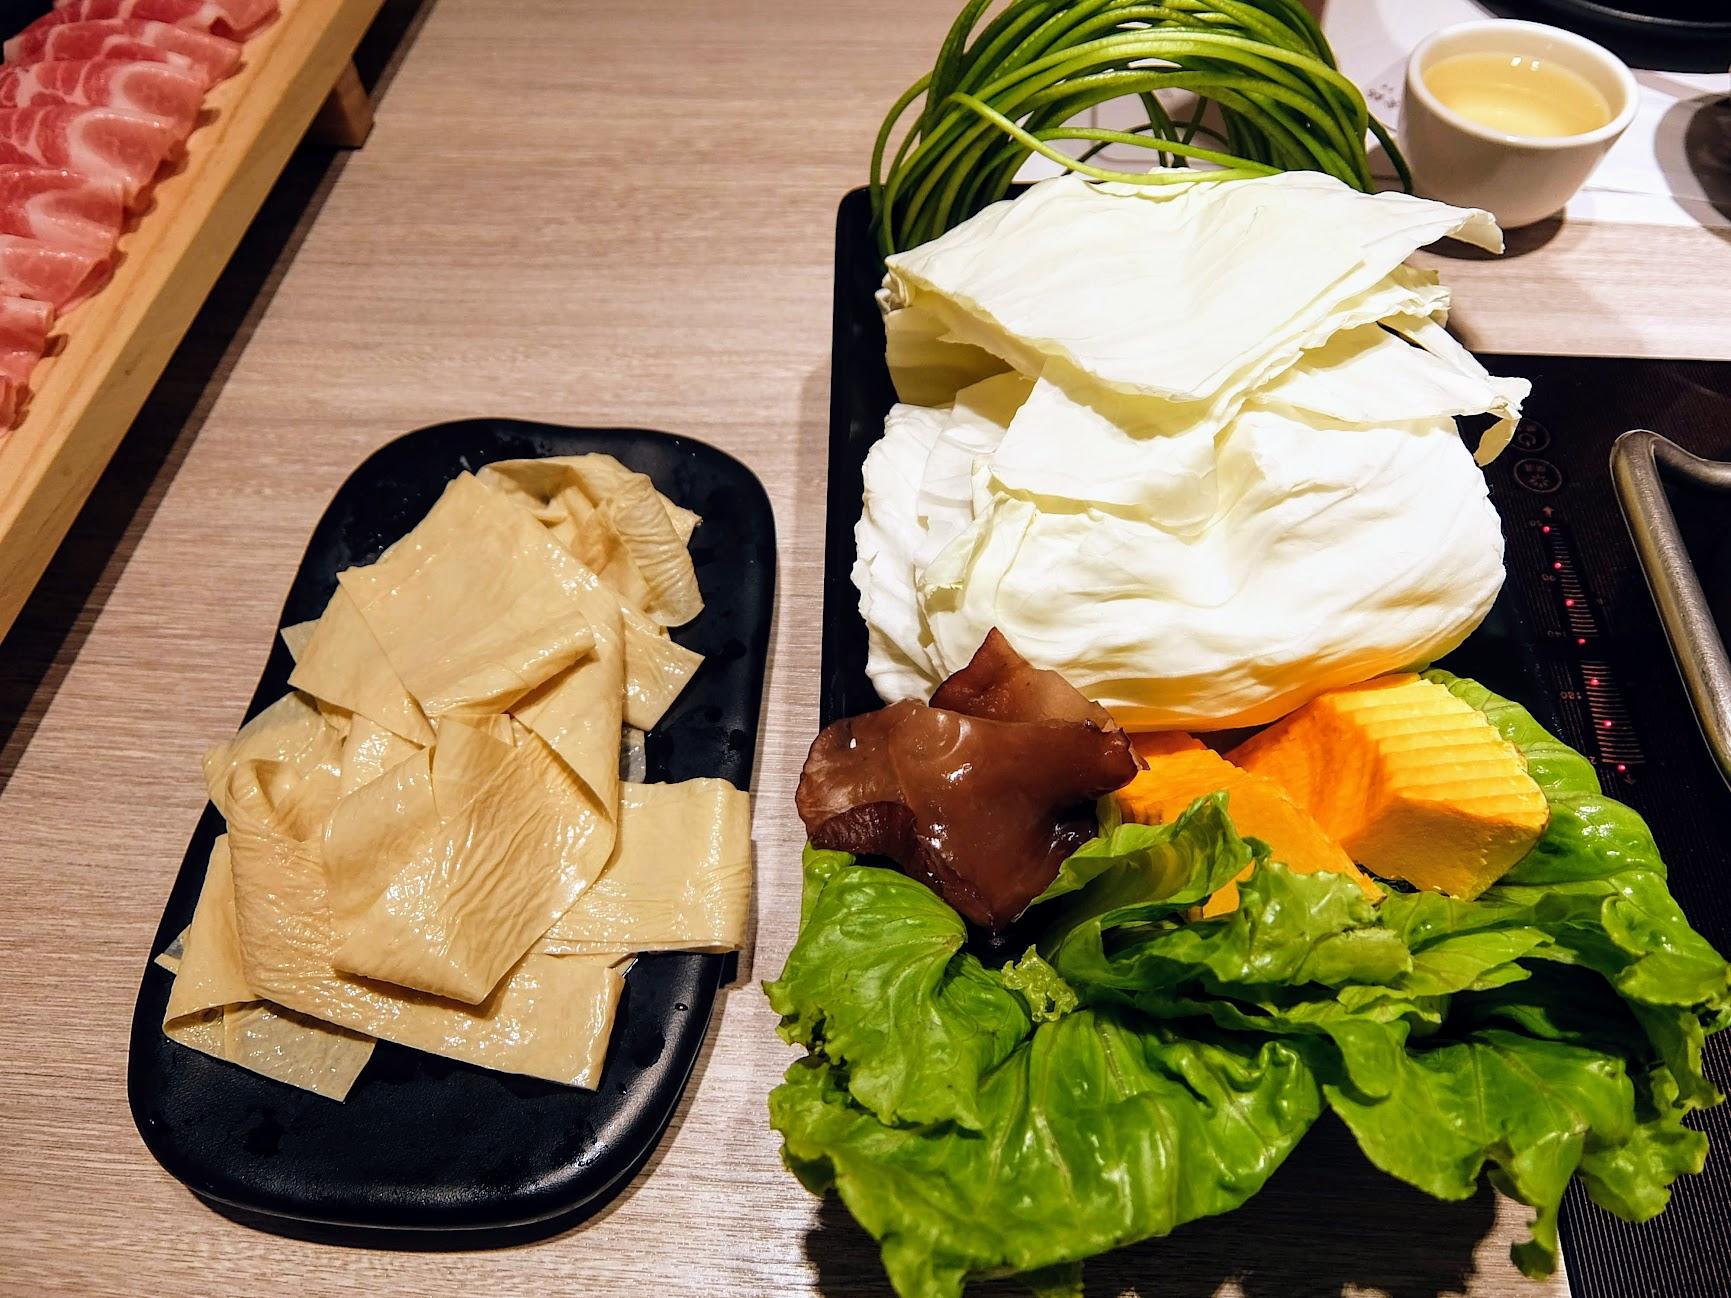 野菜盤/濕豆皮